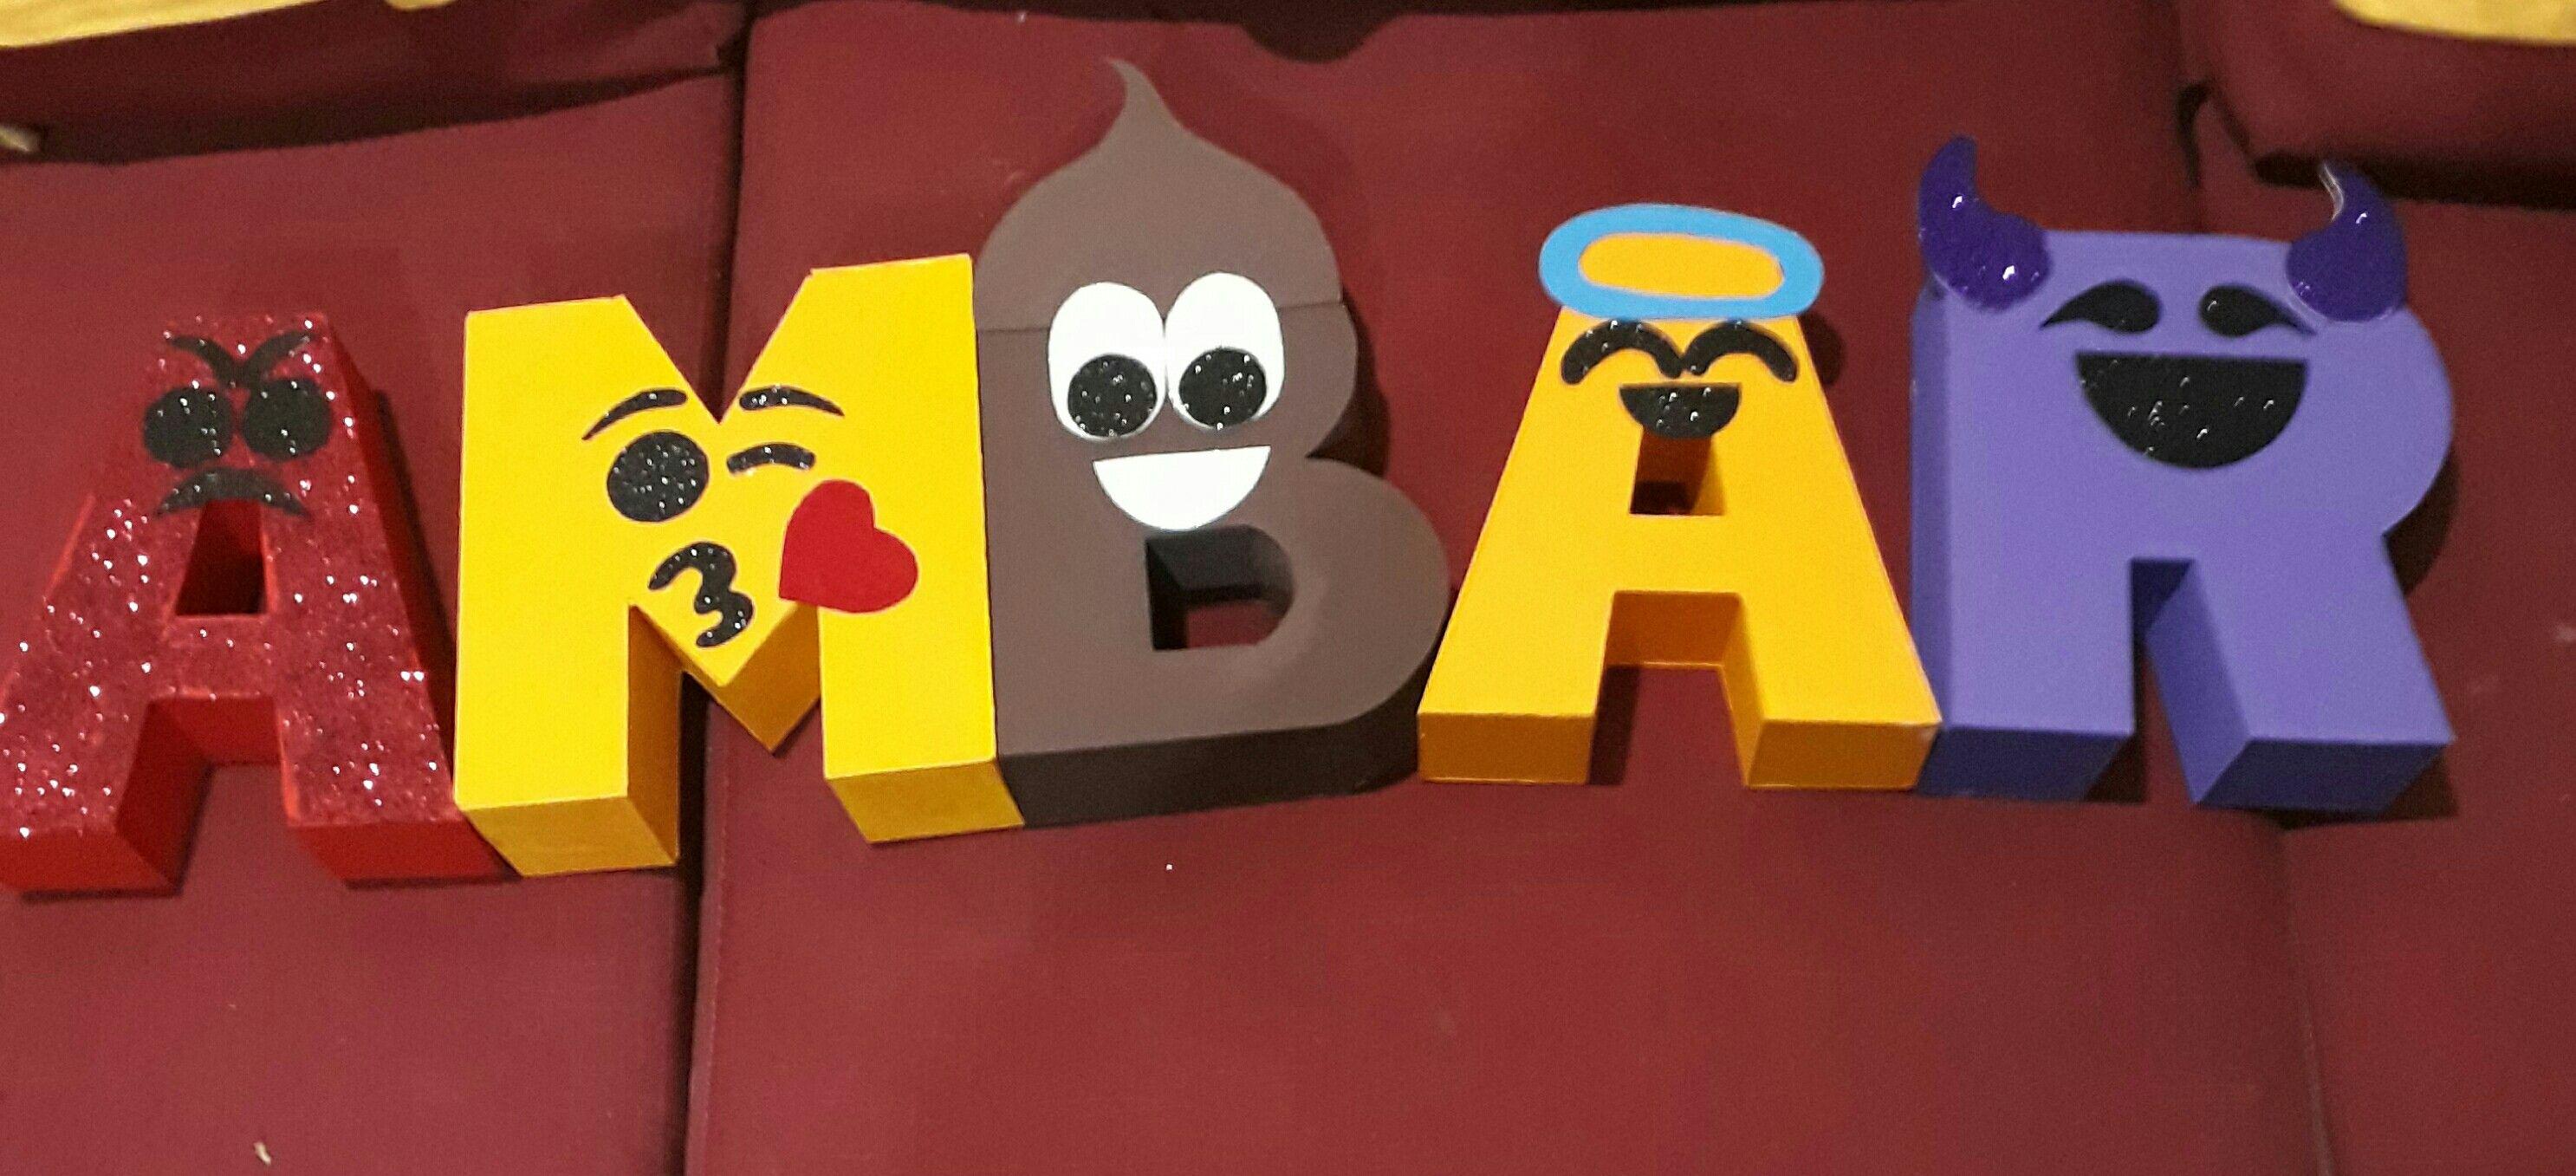 Letras Nombre Emoji Nombres Emoji Emoji Fiesta